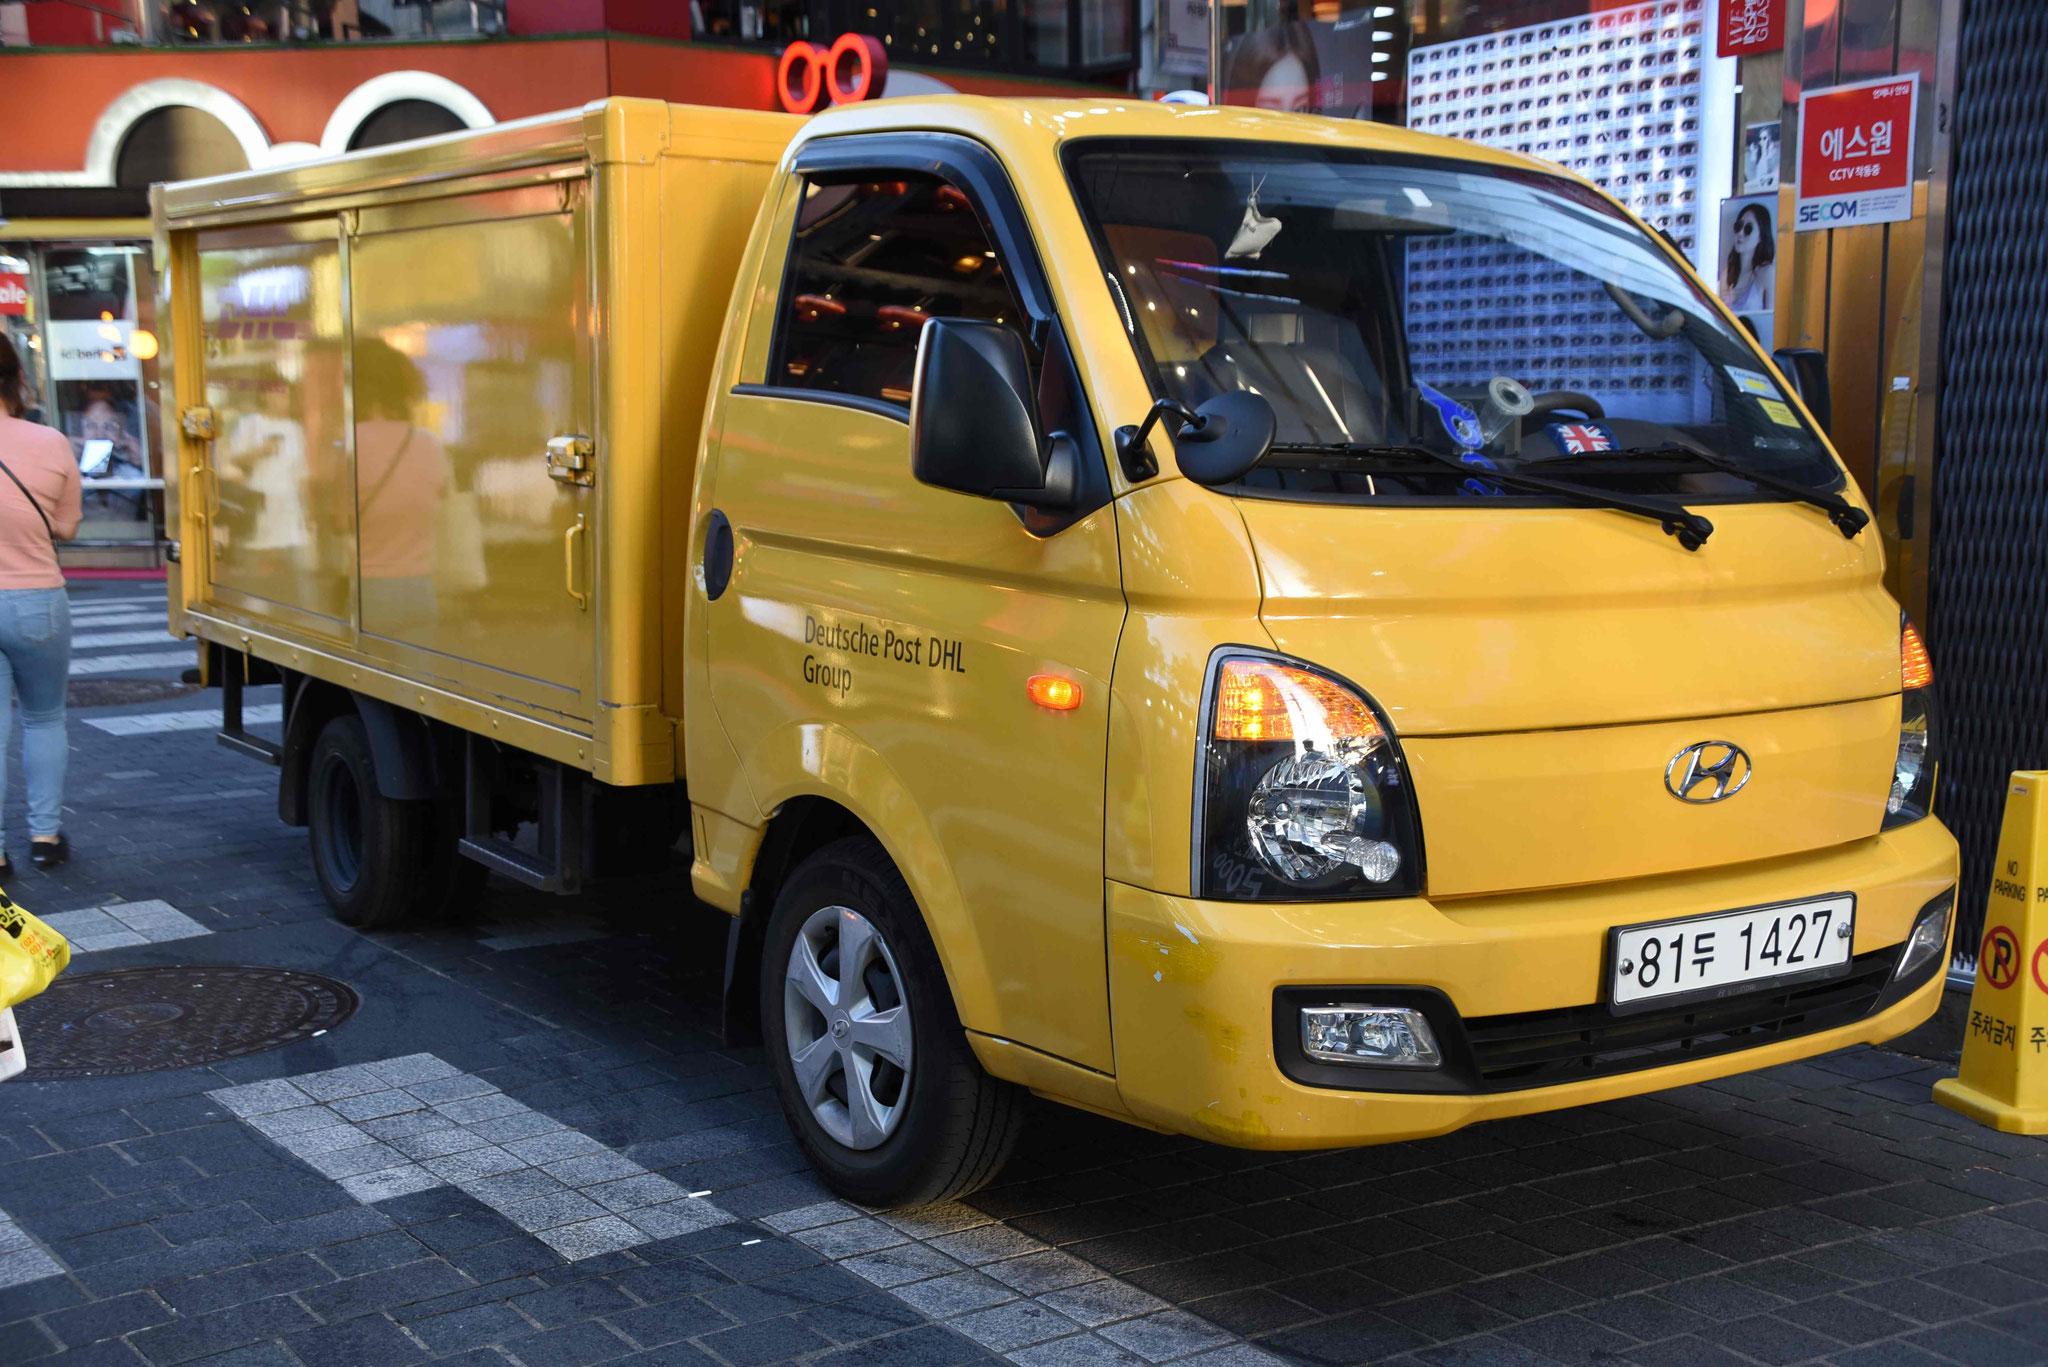 DHL liefert weltweit